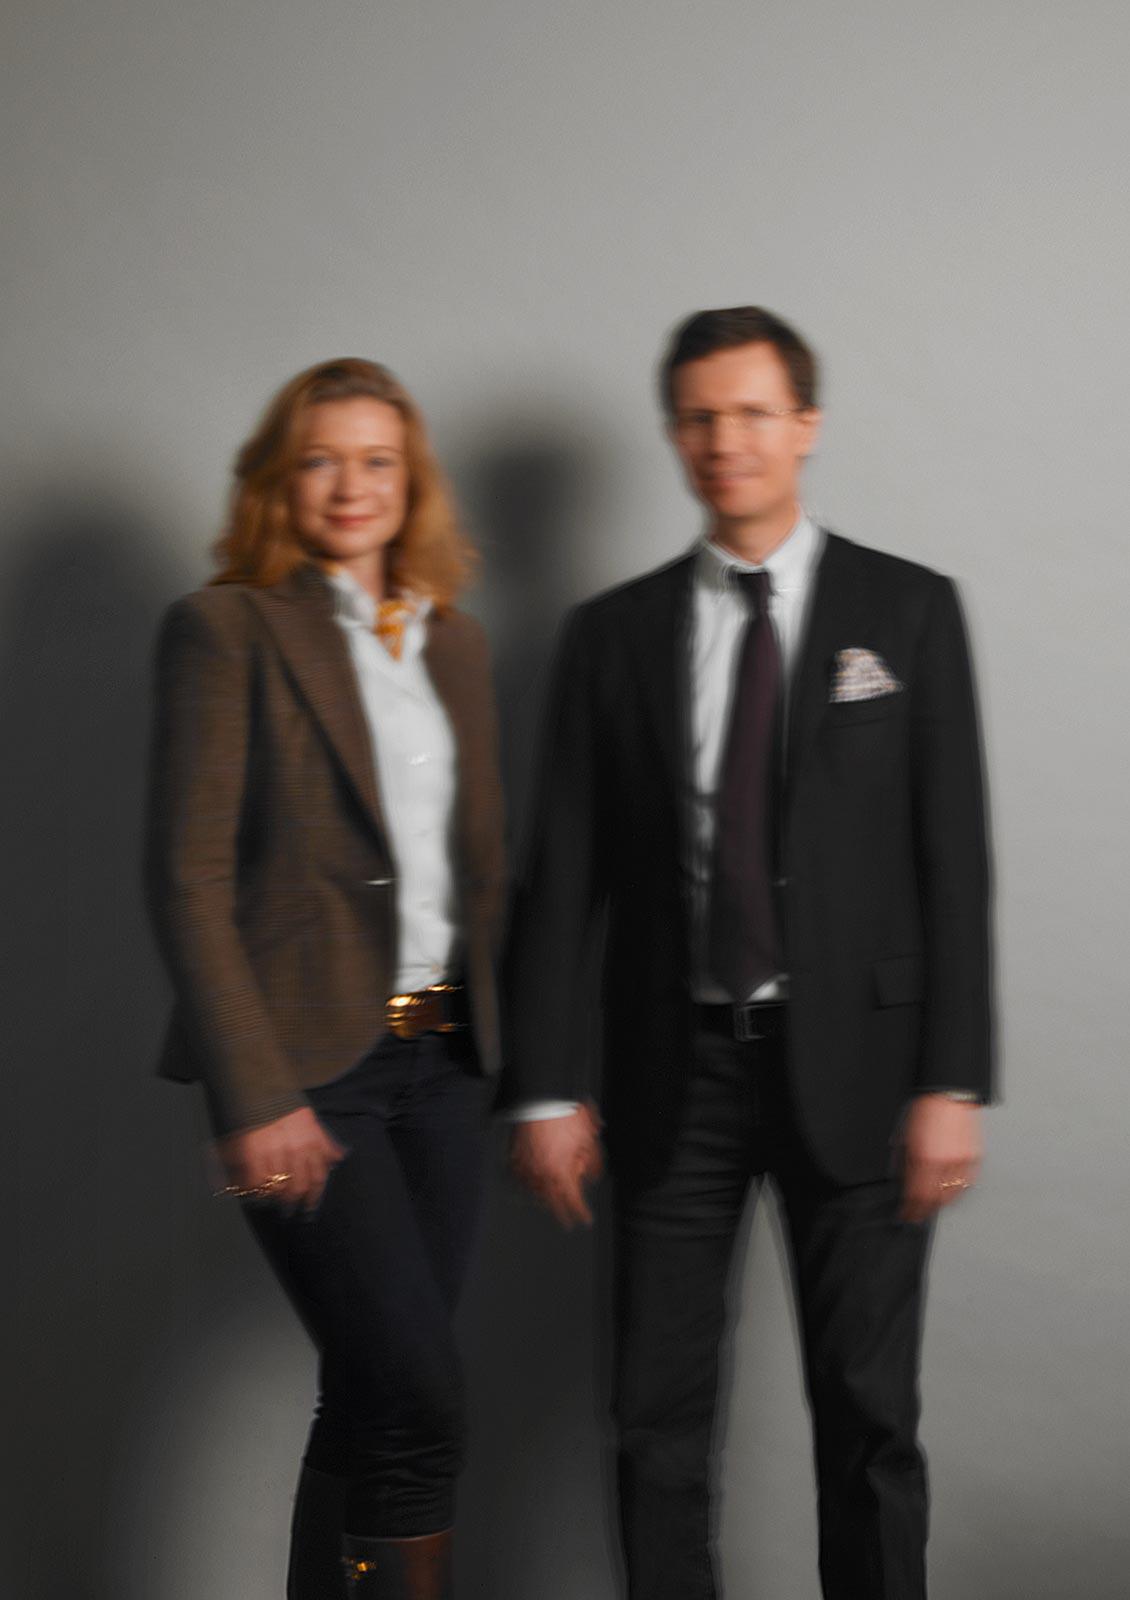 Kerstin und Oliver Schmidt (12.40 - 12.45 Uhr, 3.12.2012)